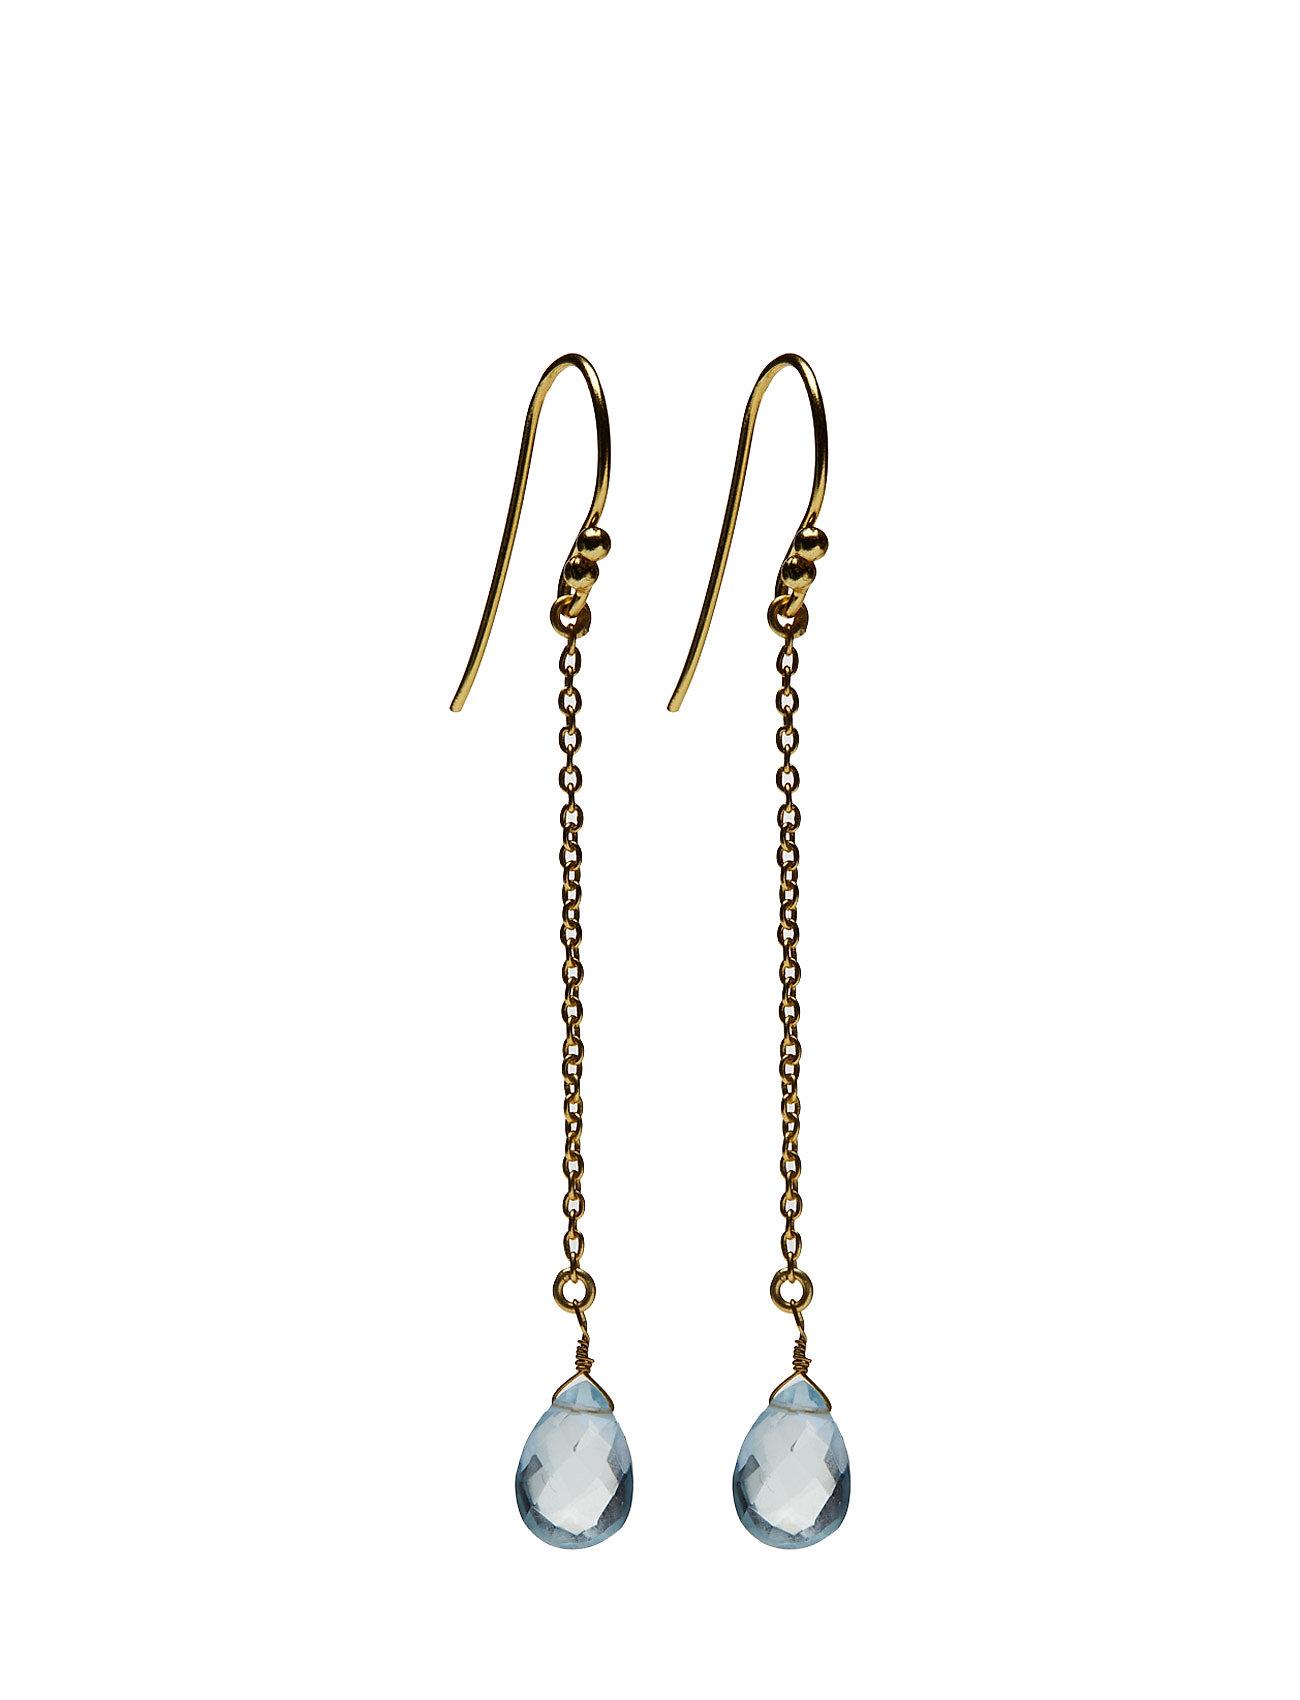 Rain Drop Earrings - Jewlscph